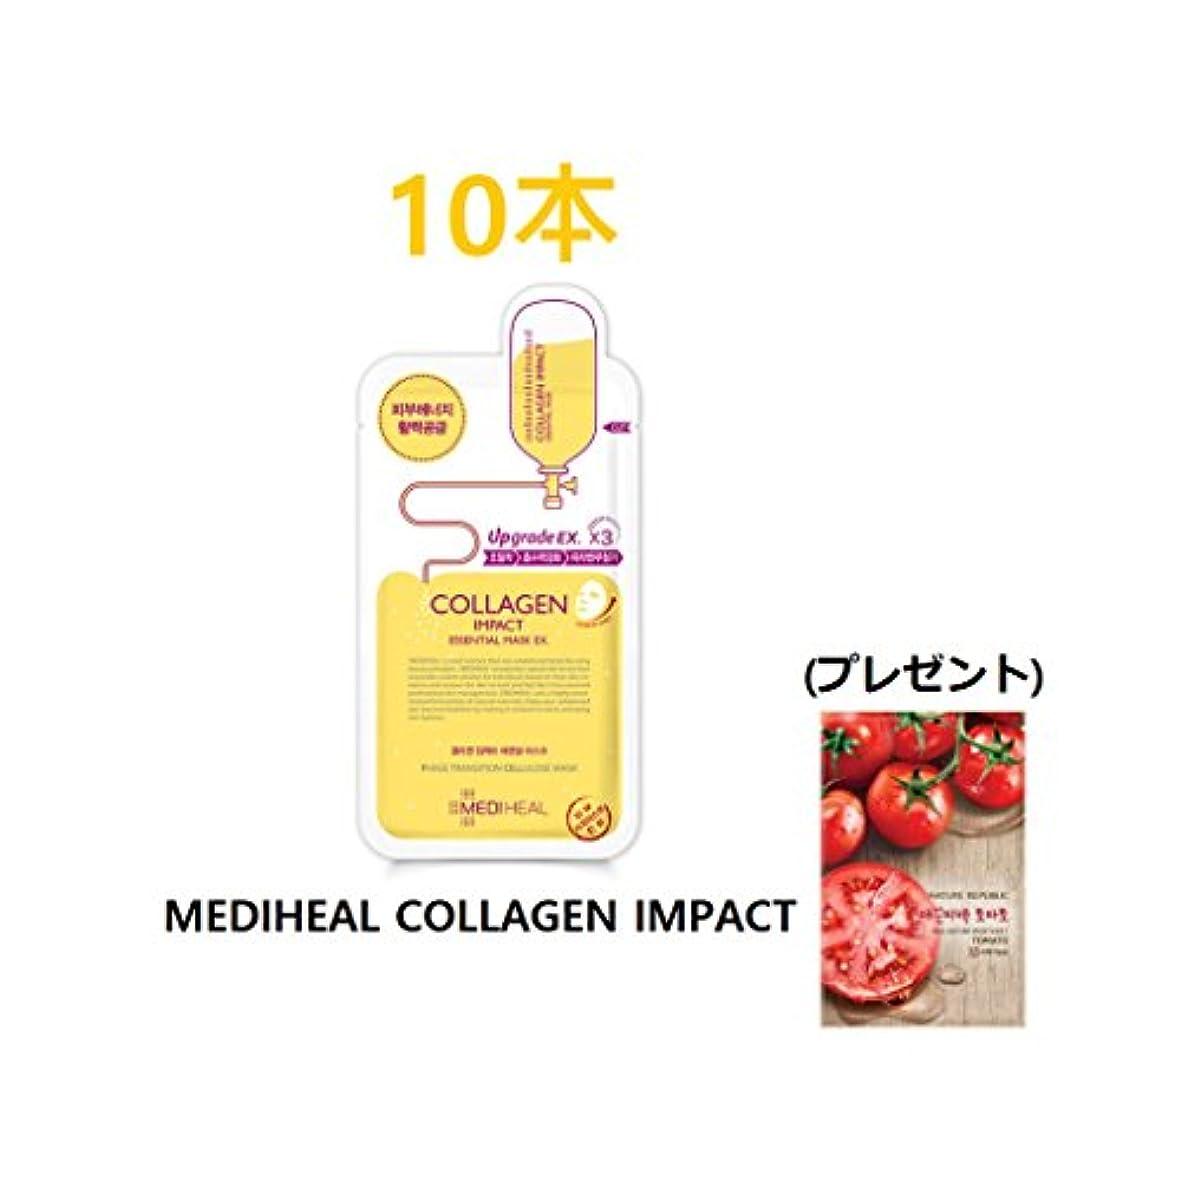 平和な水族館パラシュート(プレゼント) Mediheal Collagen Impact REX (メディヒール) エッセンシャルマスクパック10枚セット/コラーゲンインパクト/ [並行輸入品]